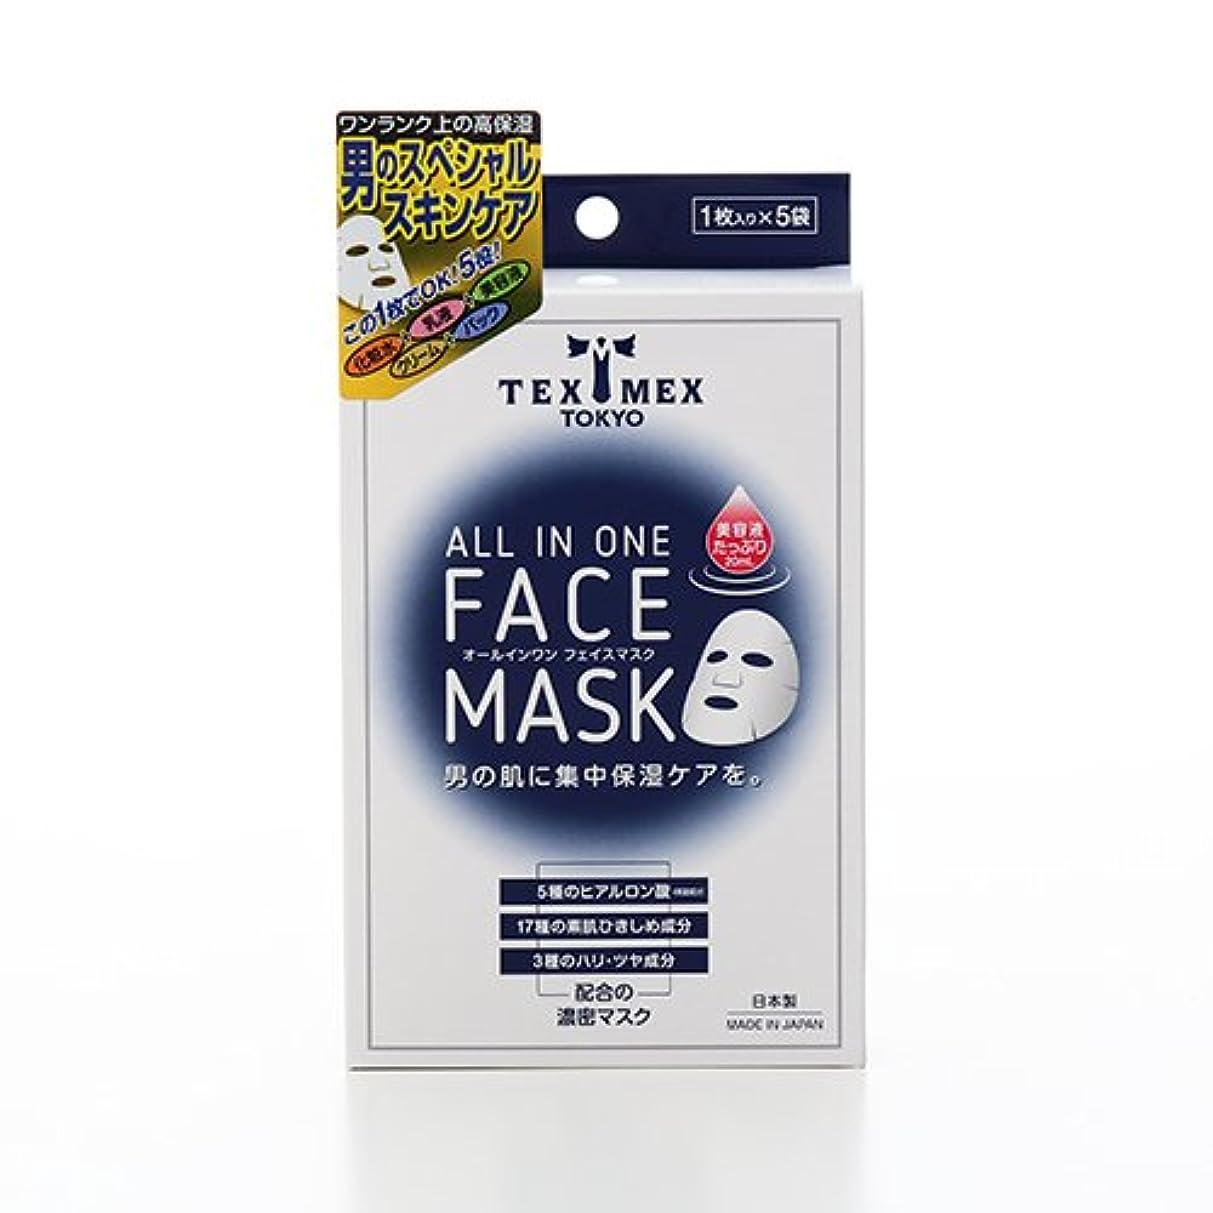 縮れた読書ベルトテックスメックス オールインワンフェイスマスク 5袋入り 【シート状美容マスク】